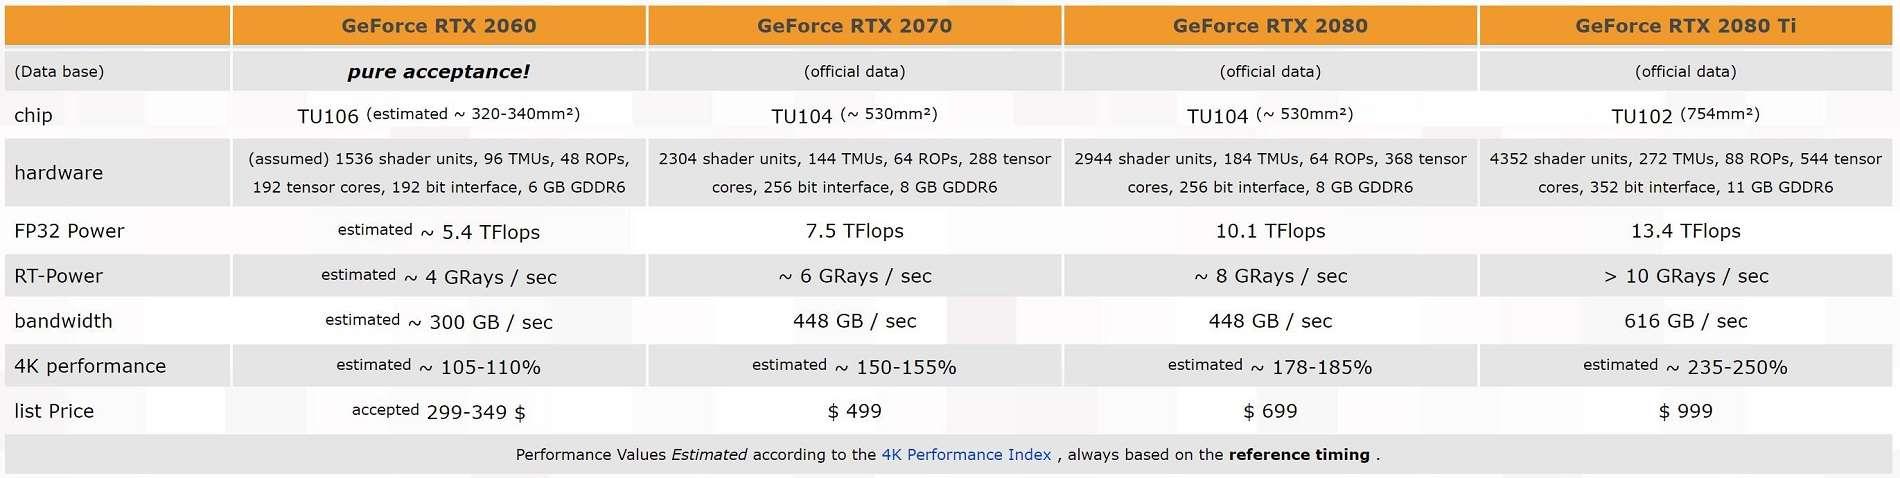 GeForce RTX 2060 estará basada en la GPU TU106, posibles especificaciones 30